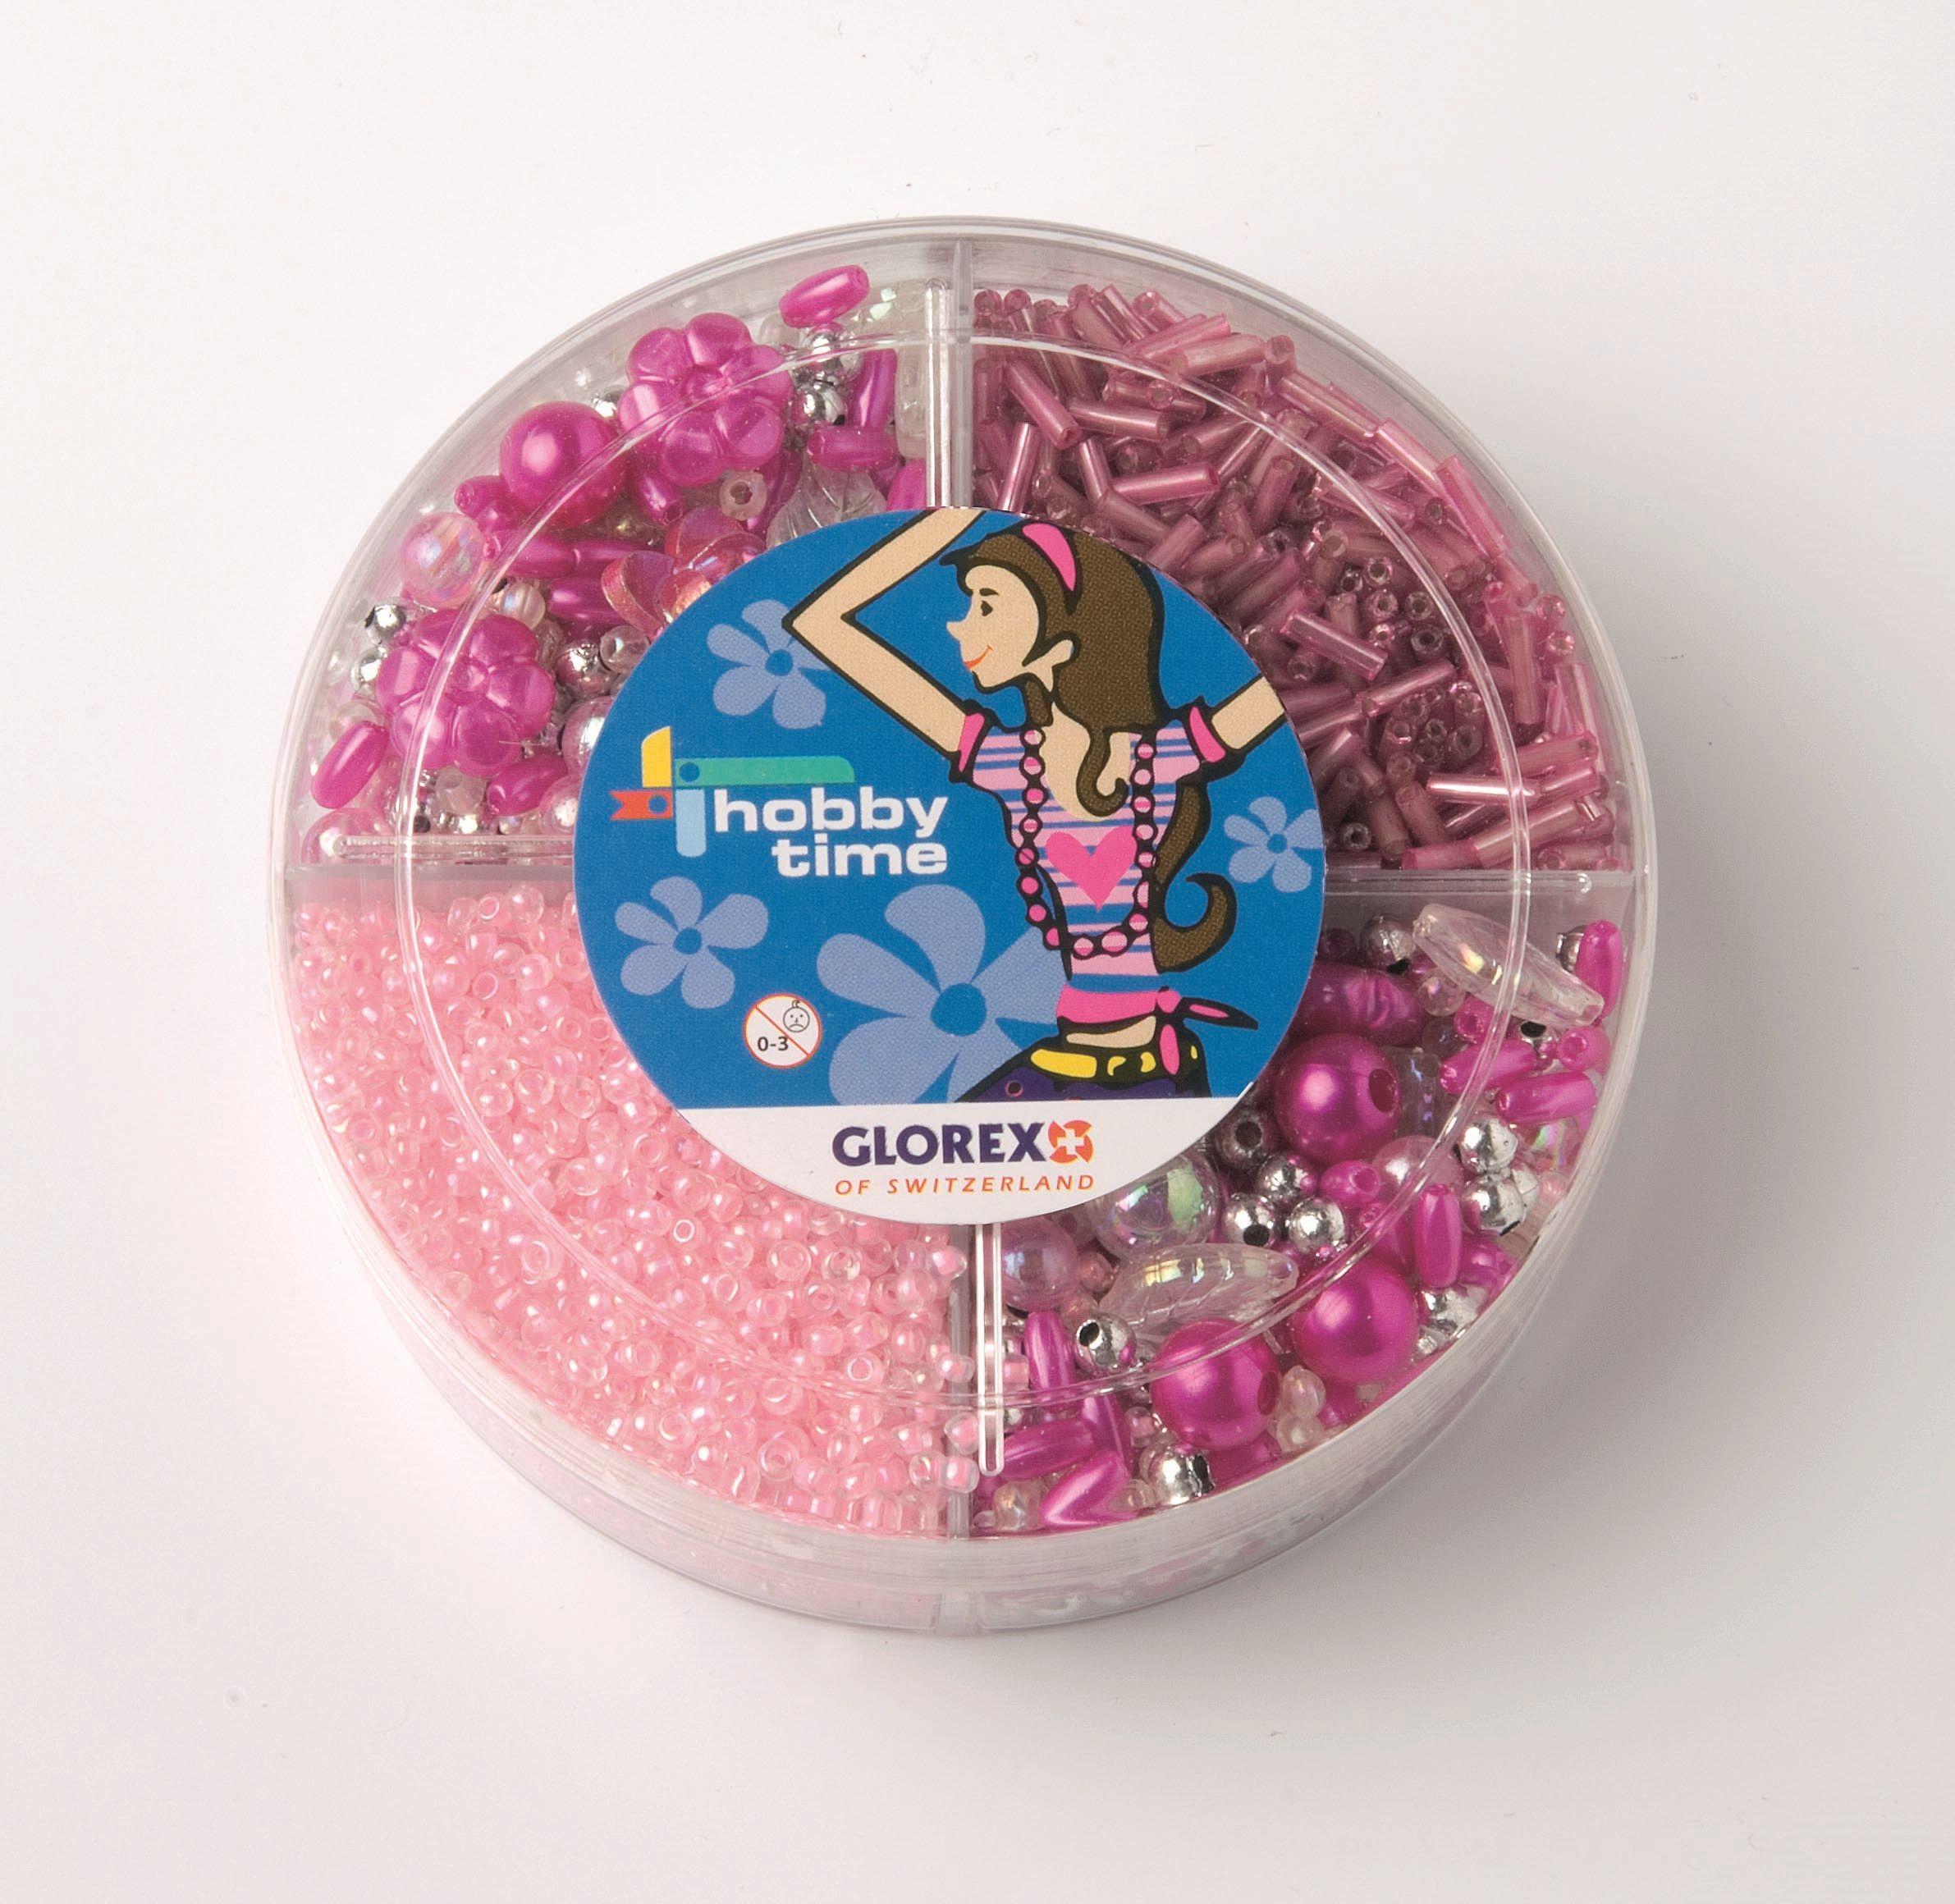 61630020 Набор из бисера в платиковом контейнере розовый Glorex